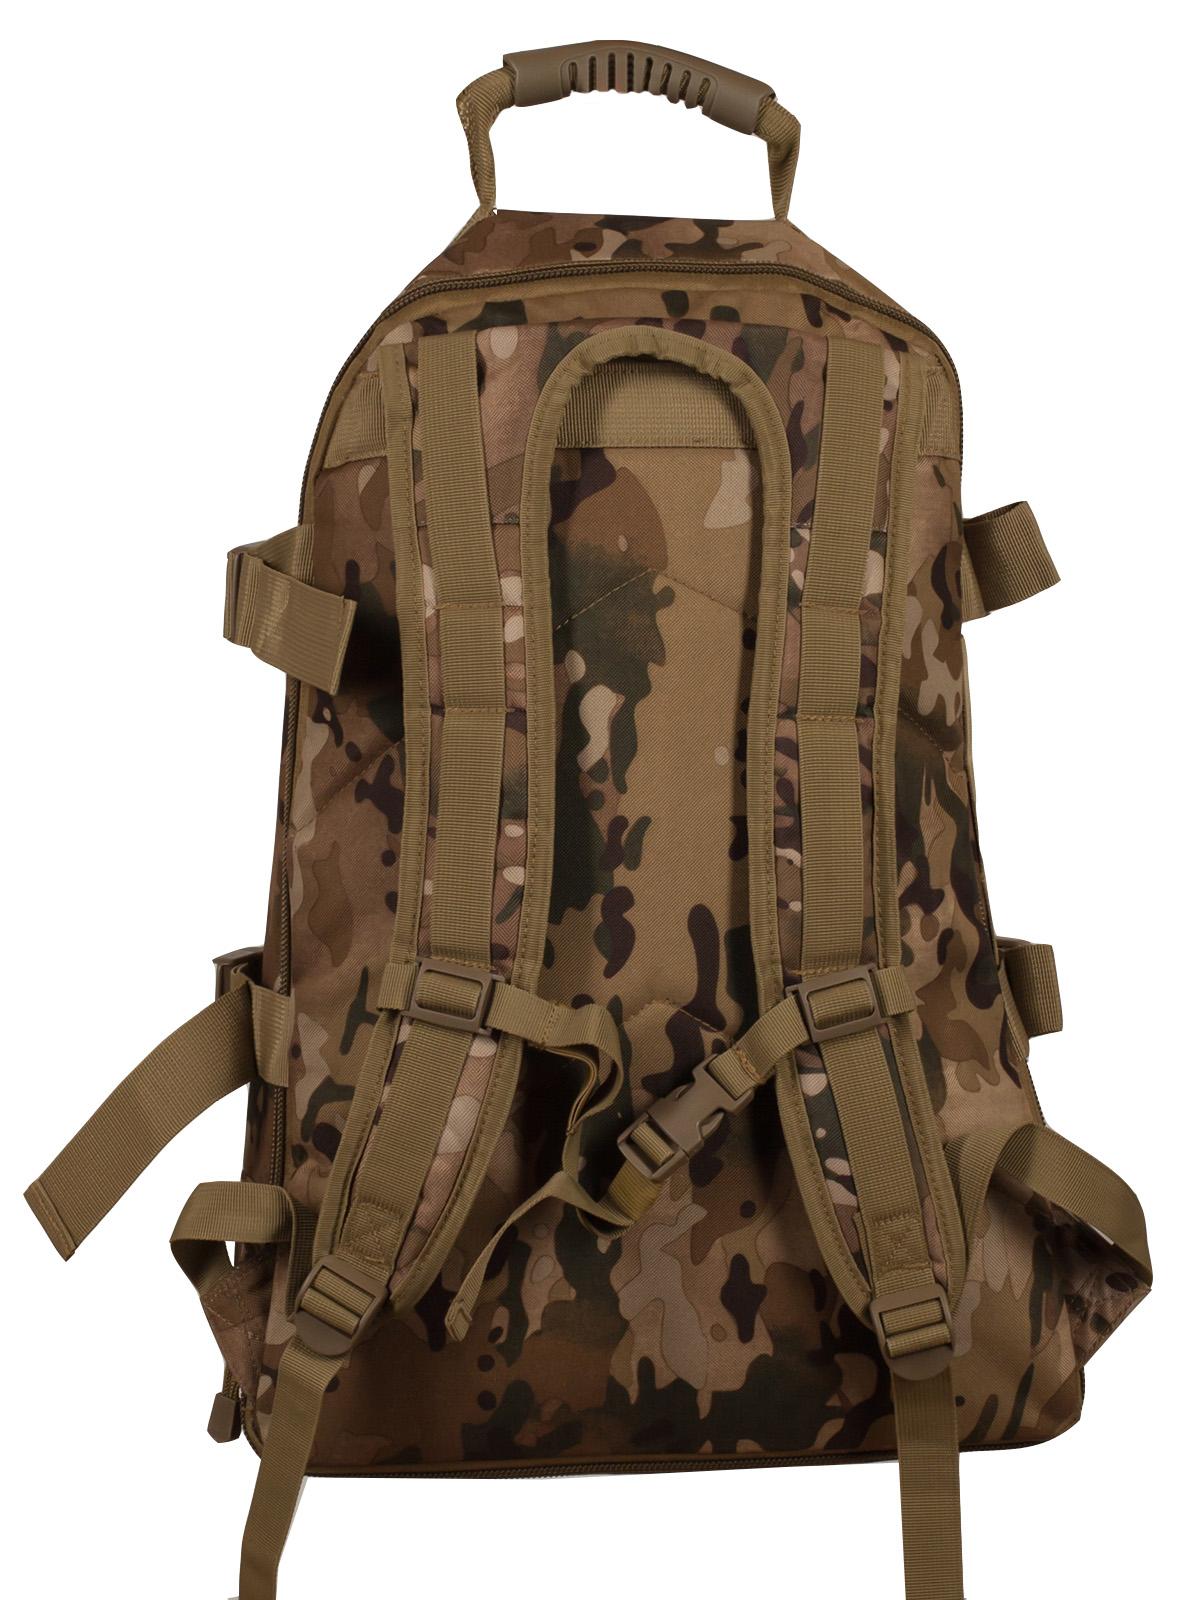 Зачетный камуфляжный рюкзак с нашивкой Лучший Охотник - купить в Военпро